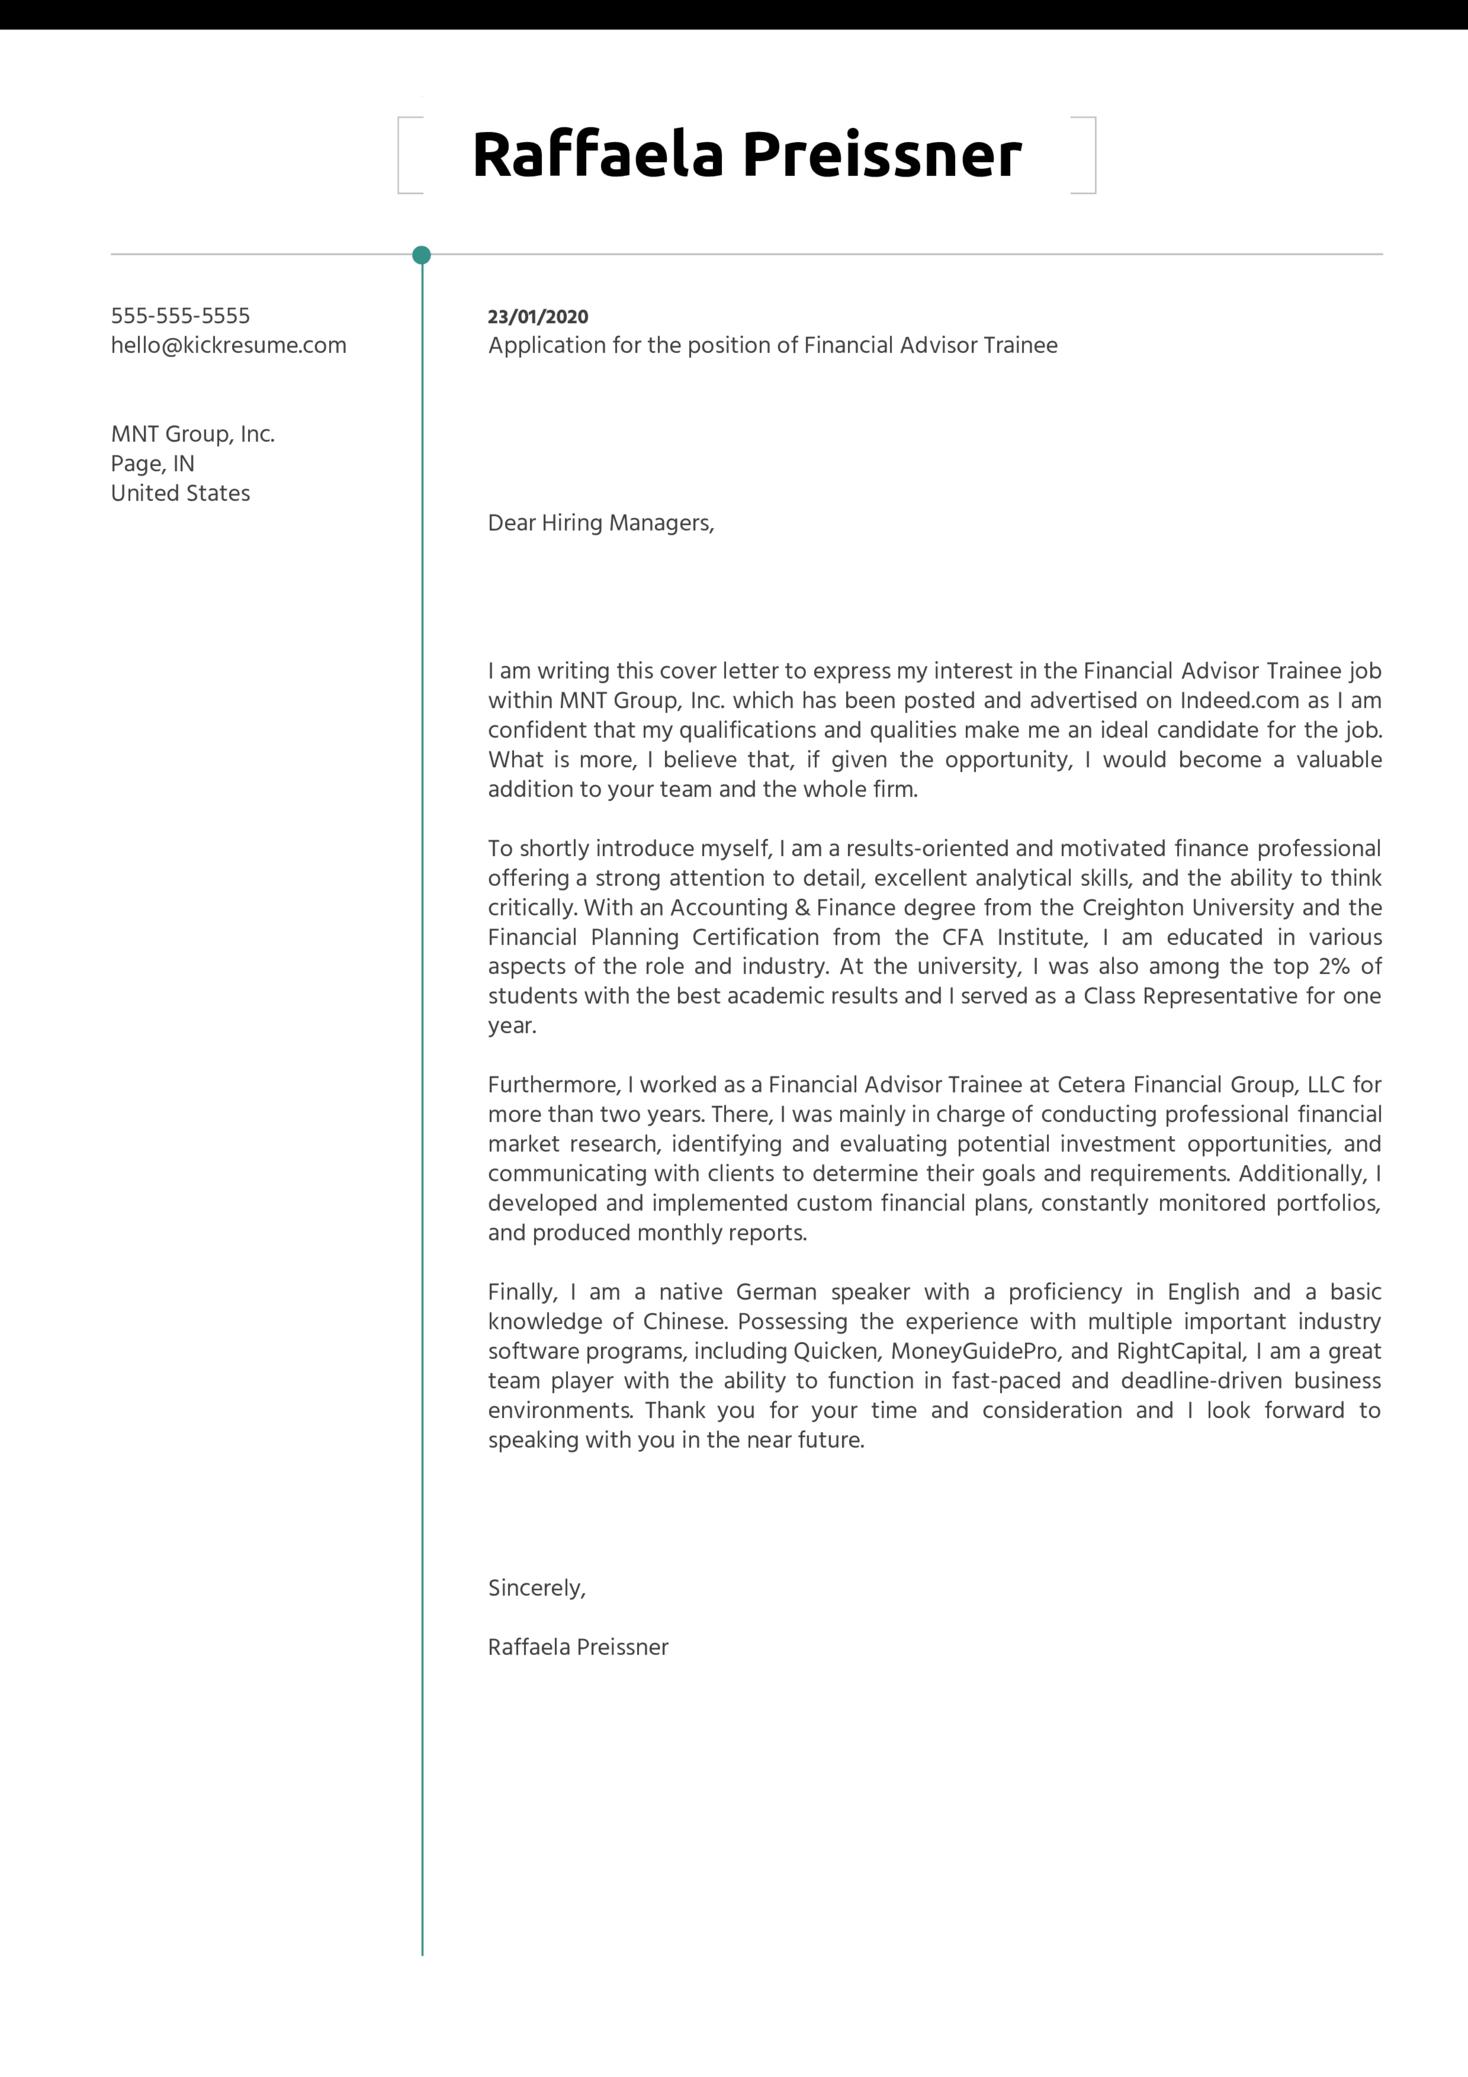 Financial Advisor Trainee Cover Letter Sample